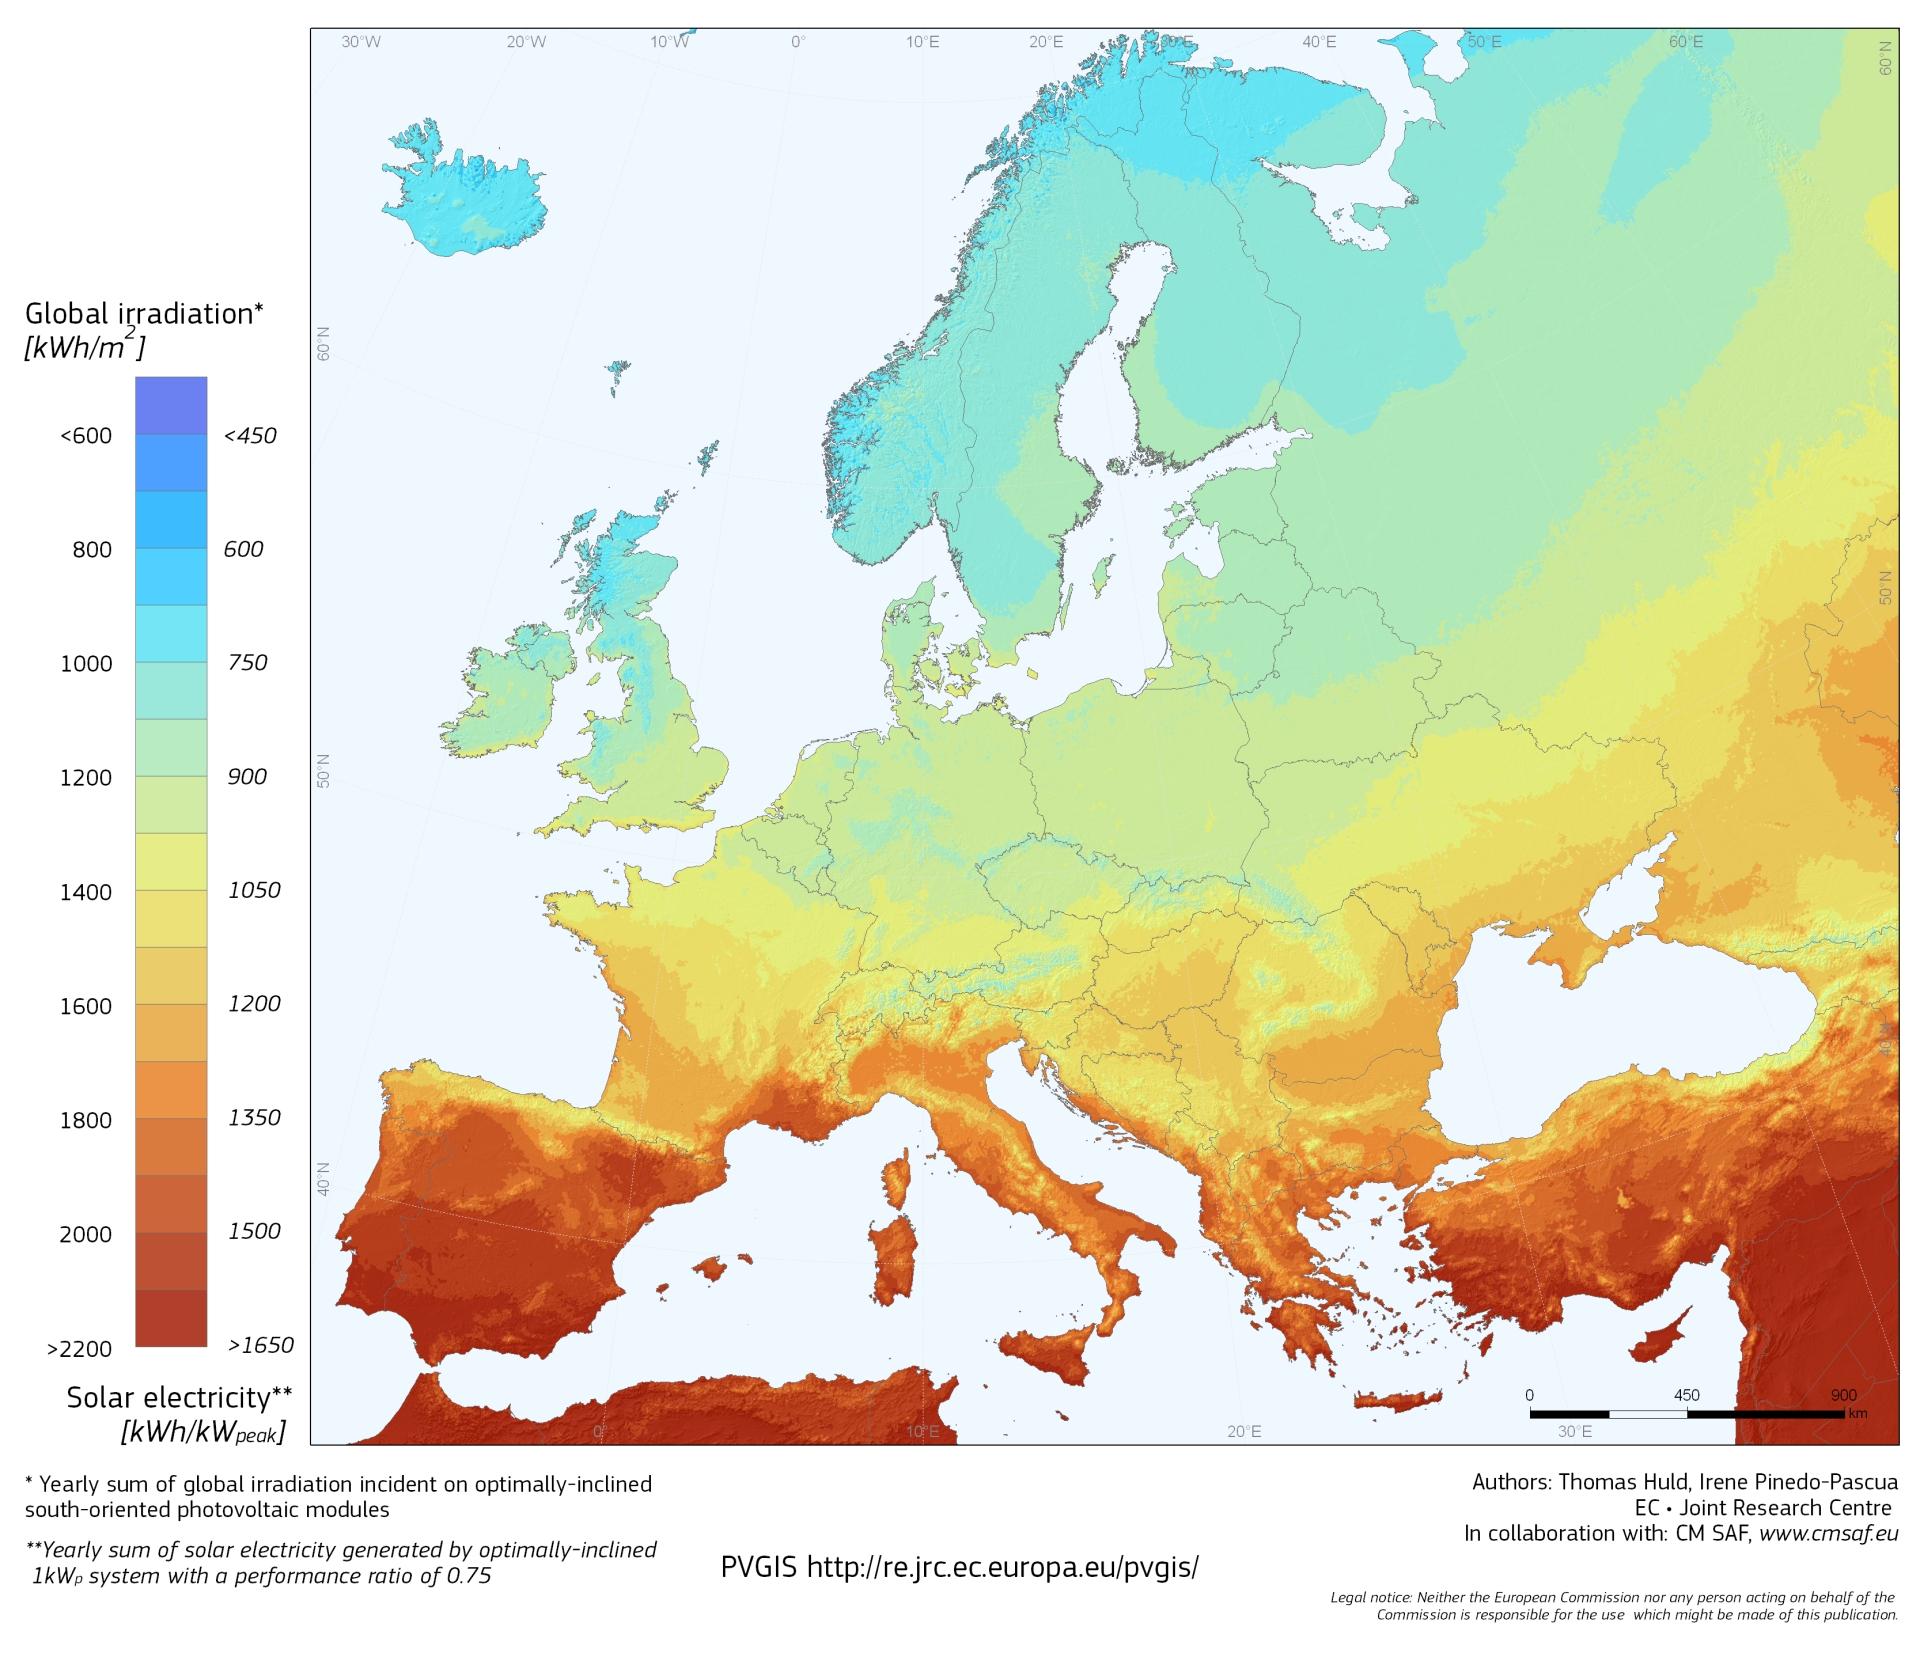 карта солнечной инсоляции европы